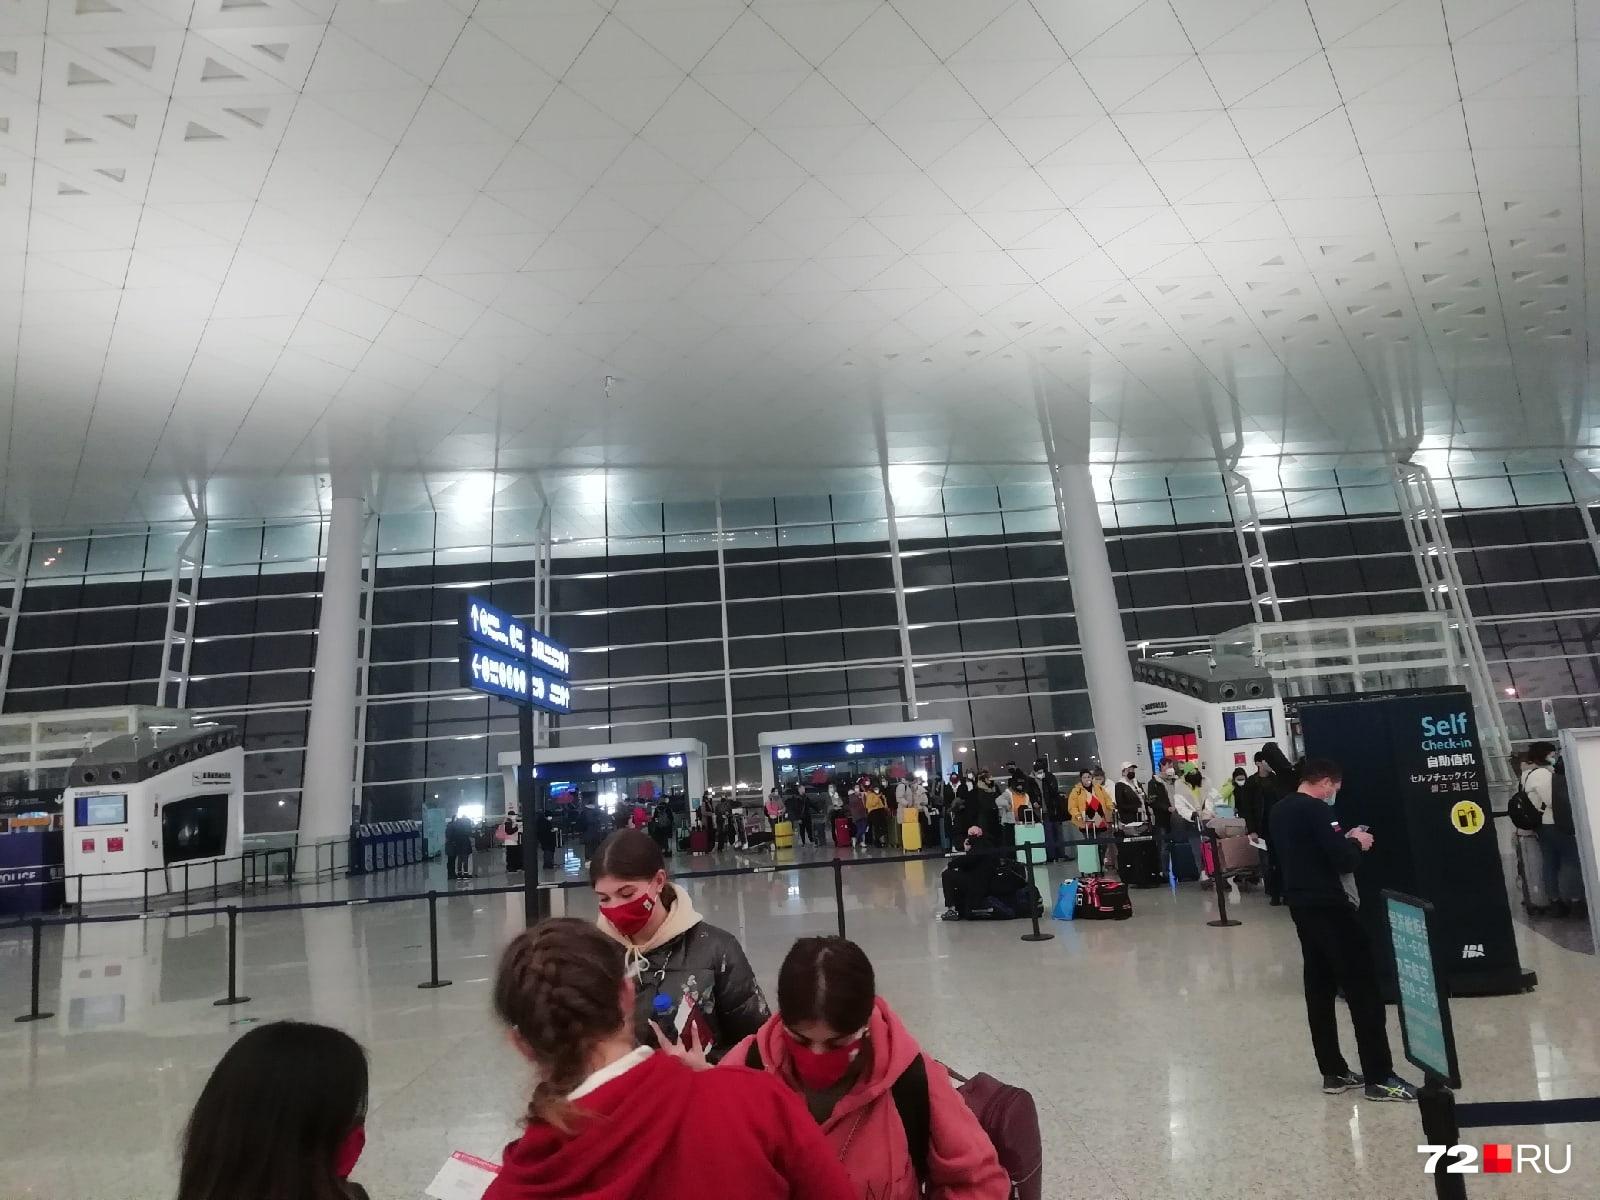 Так выглядит аэропорт в Ухани